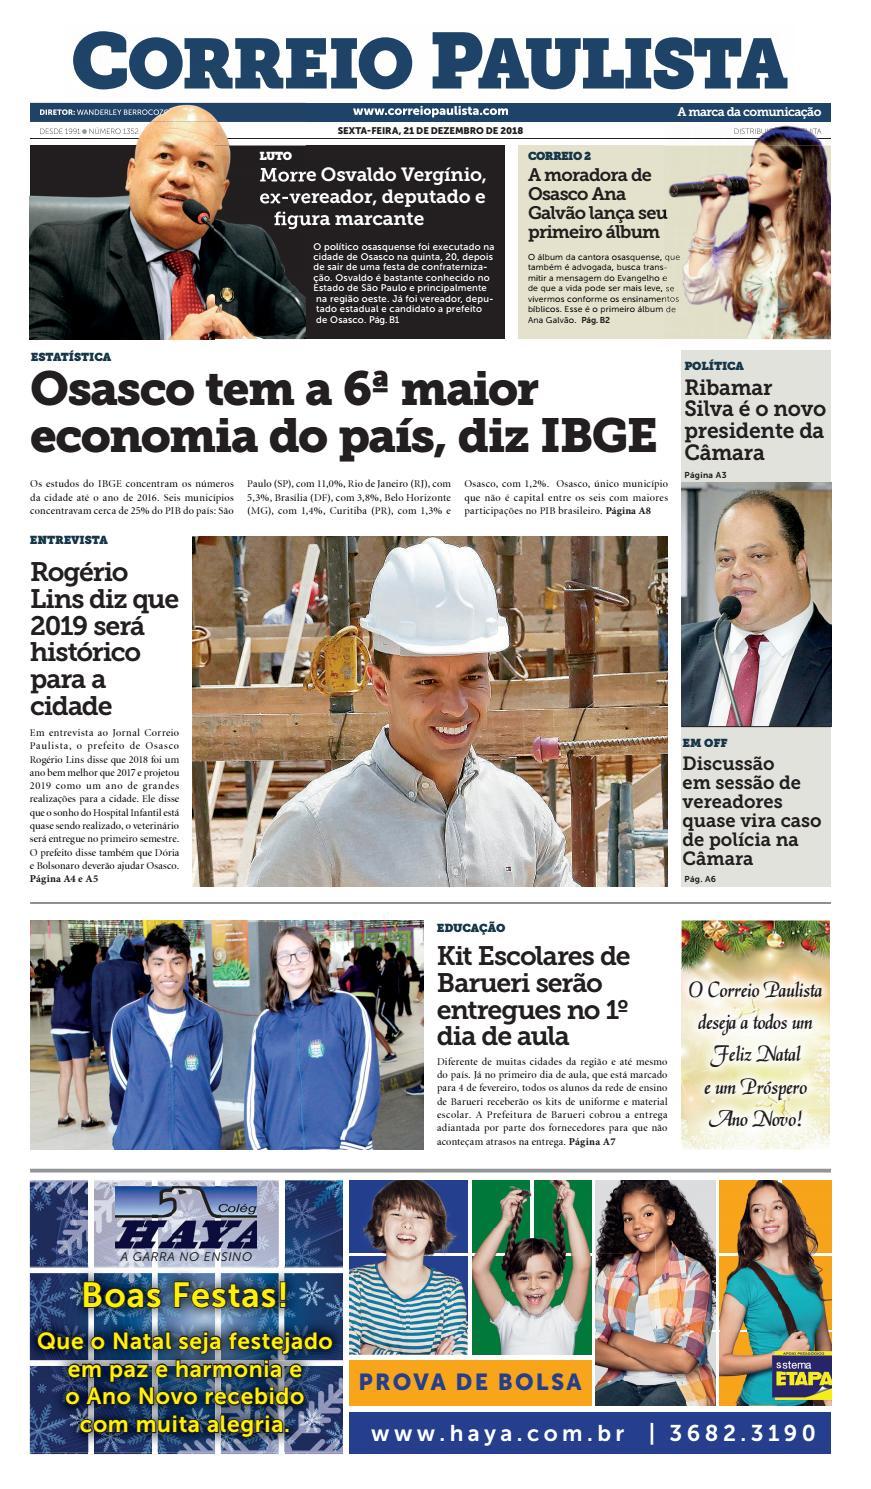 jornal Correio Paulista 1352 by Jornal Correio Paulista - issuu 5450f9cc92871